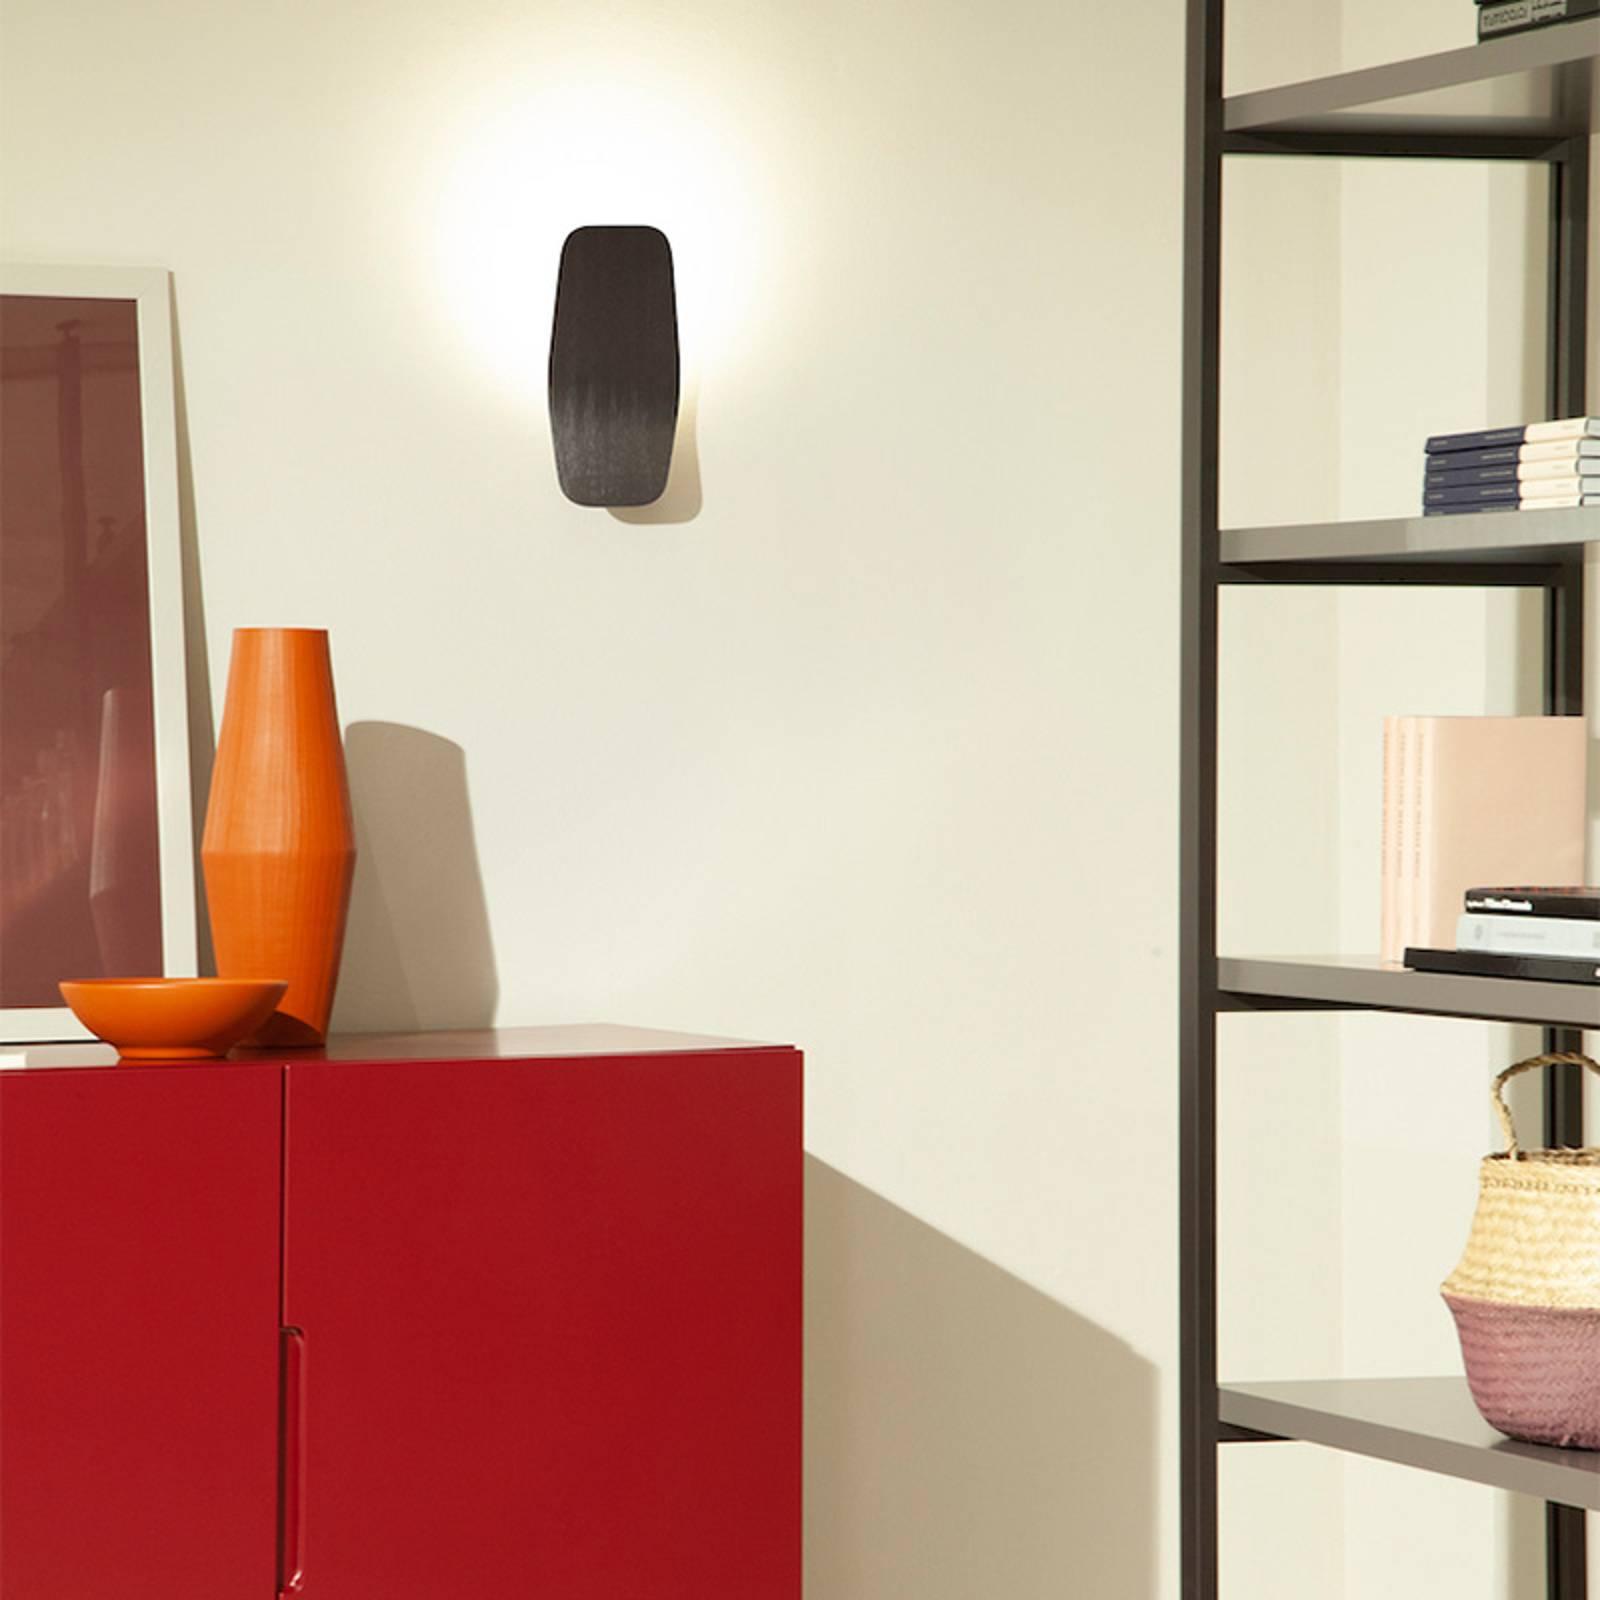 Casablanca Ashiya LED wandlamp, titaanzwart